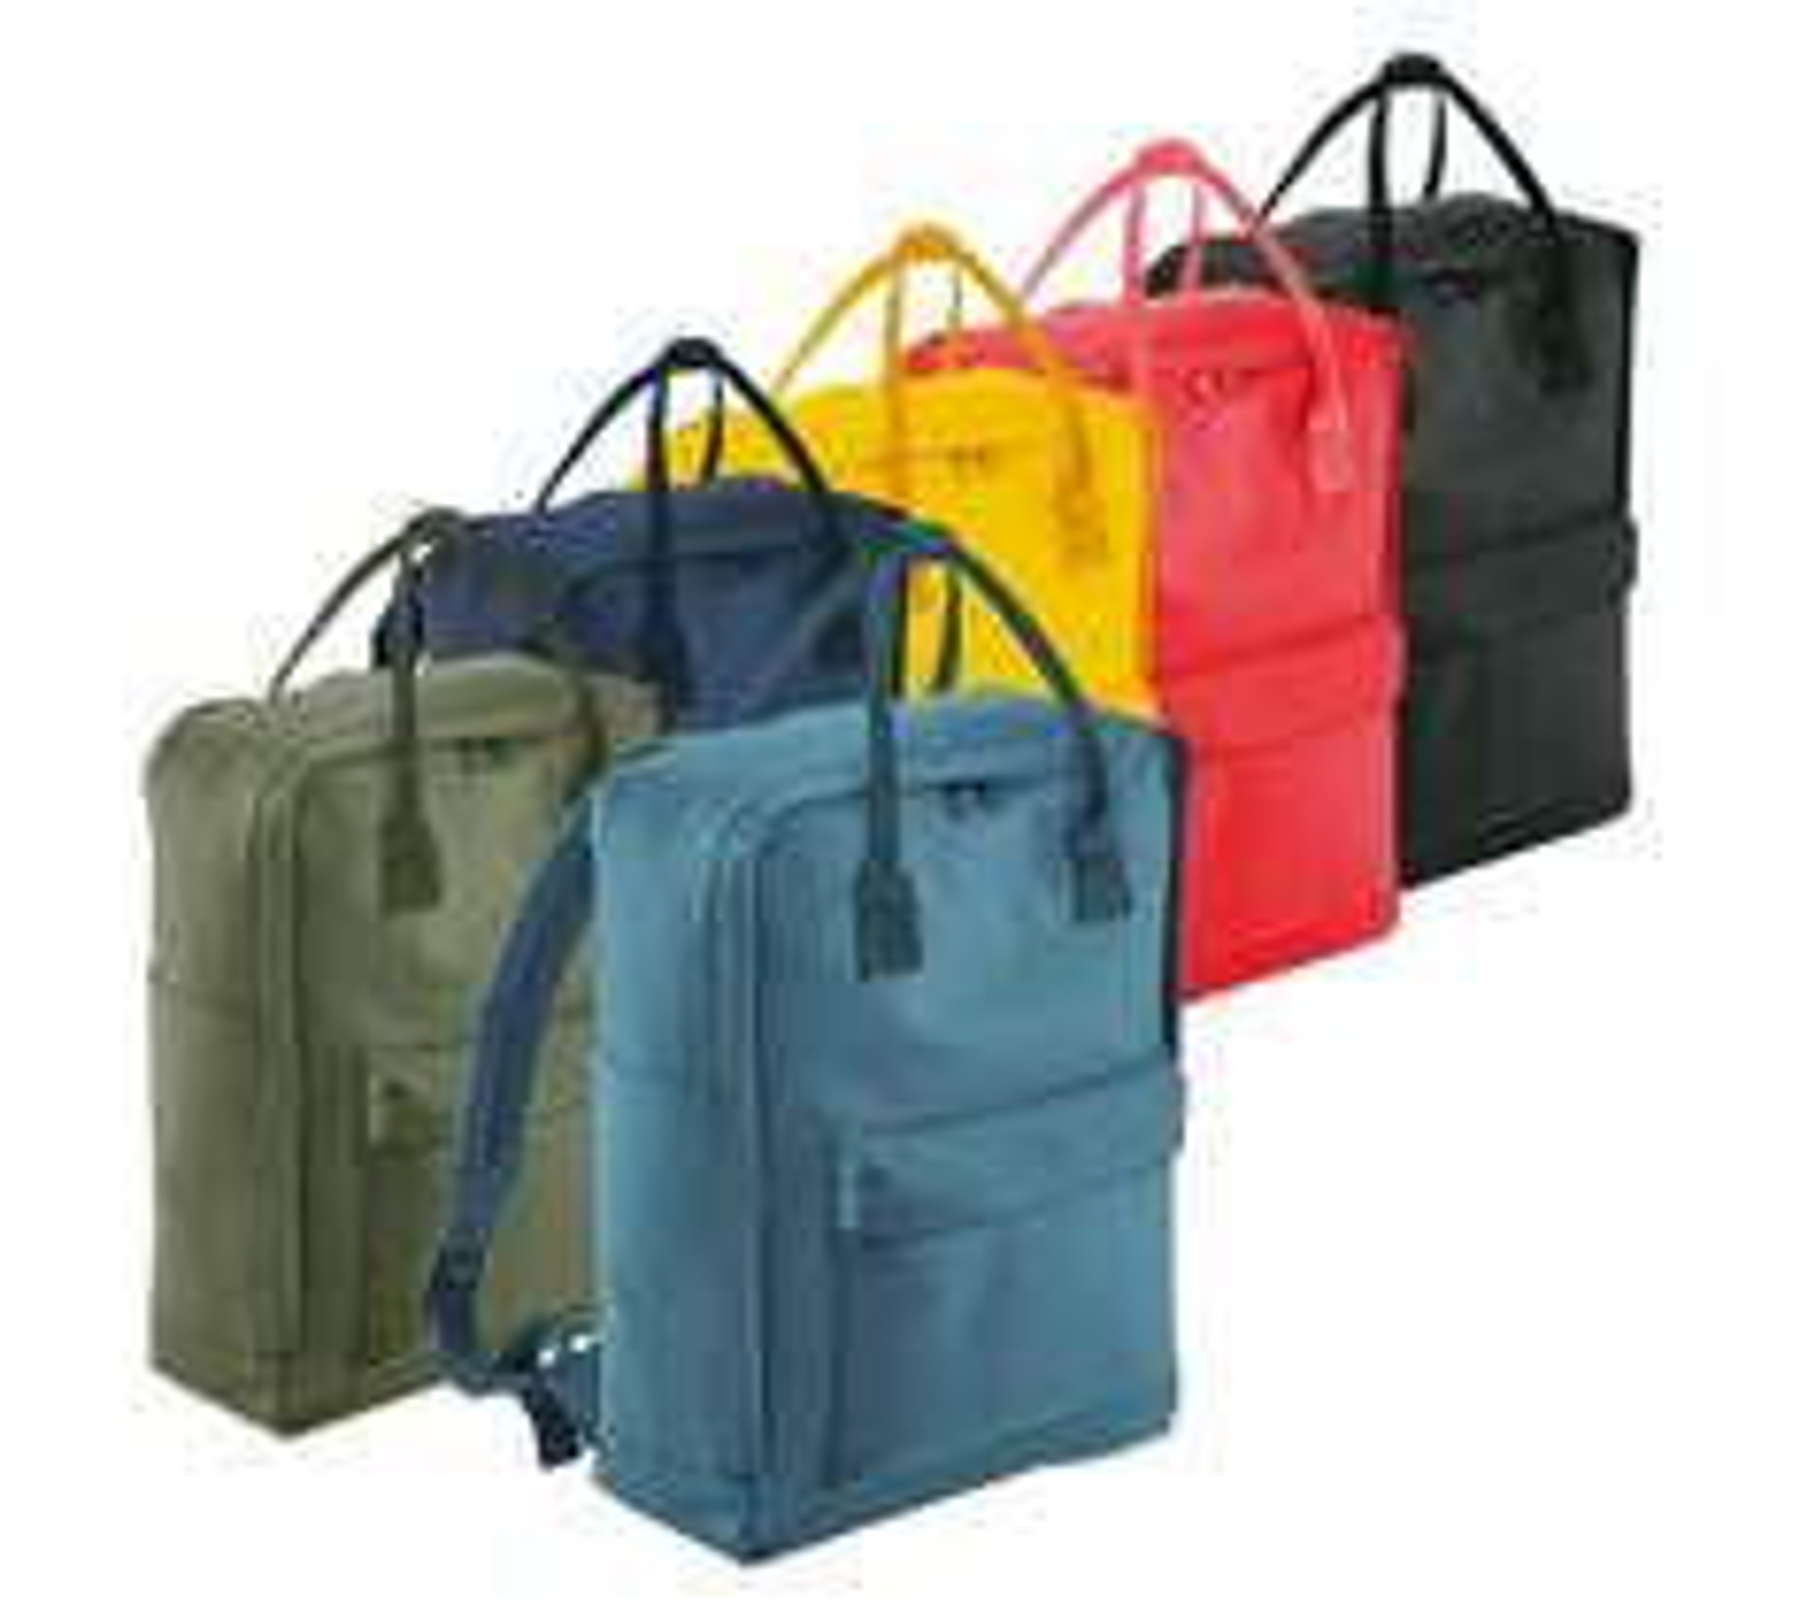 [kndirect] Rucksack/Daypack im Stile des Fjällräven Kånken in diversen Farben